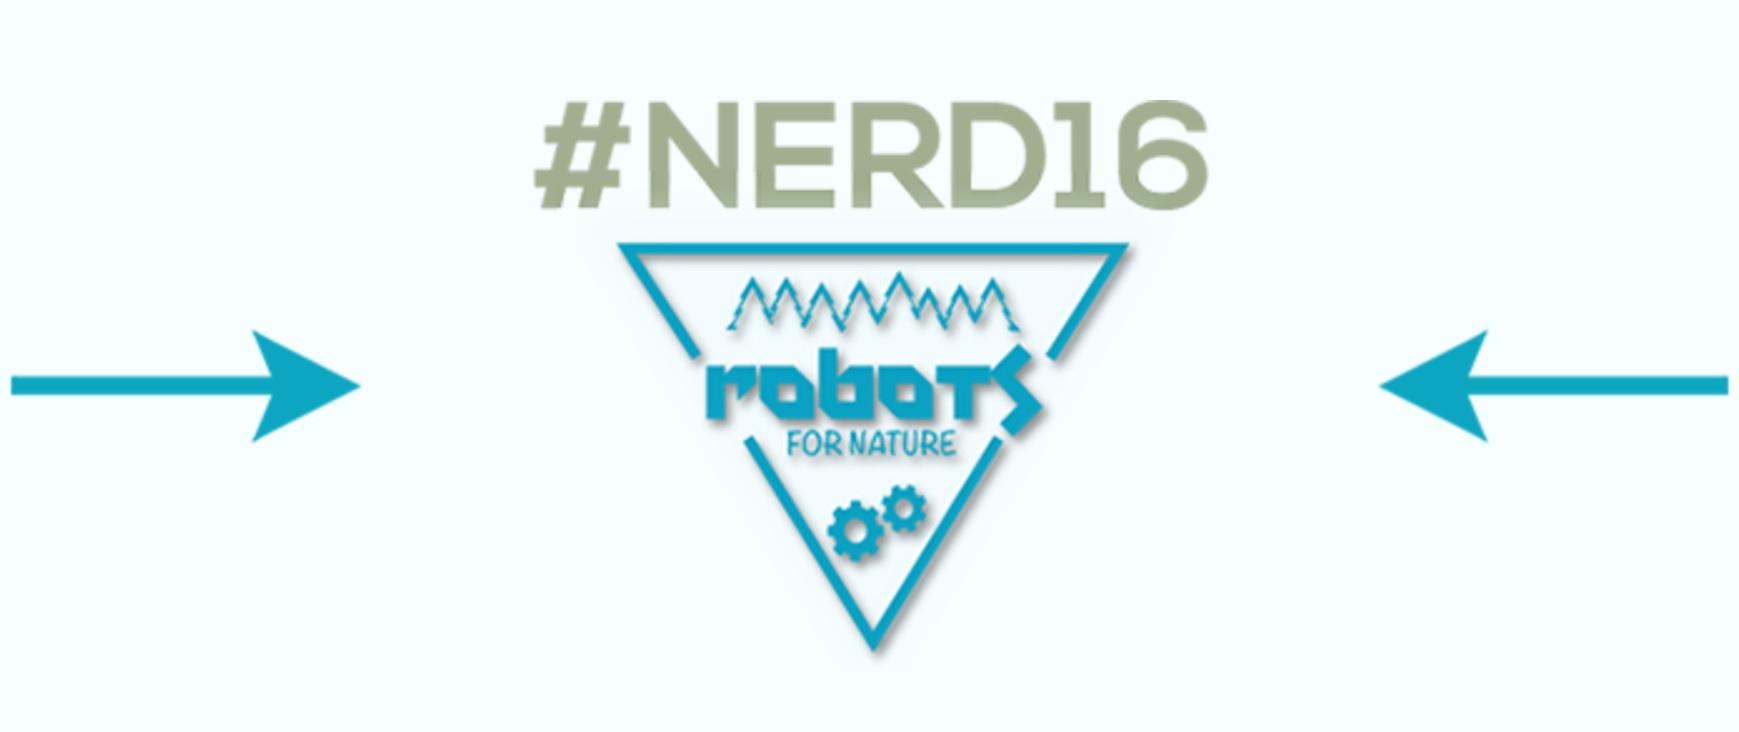 nerd16